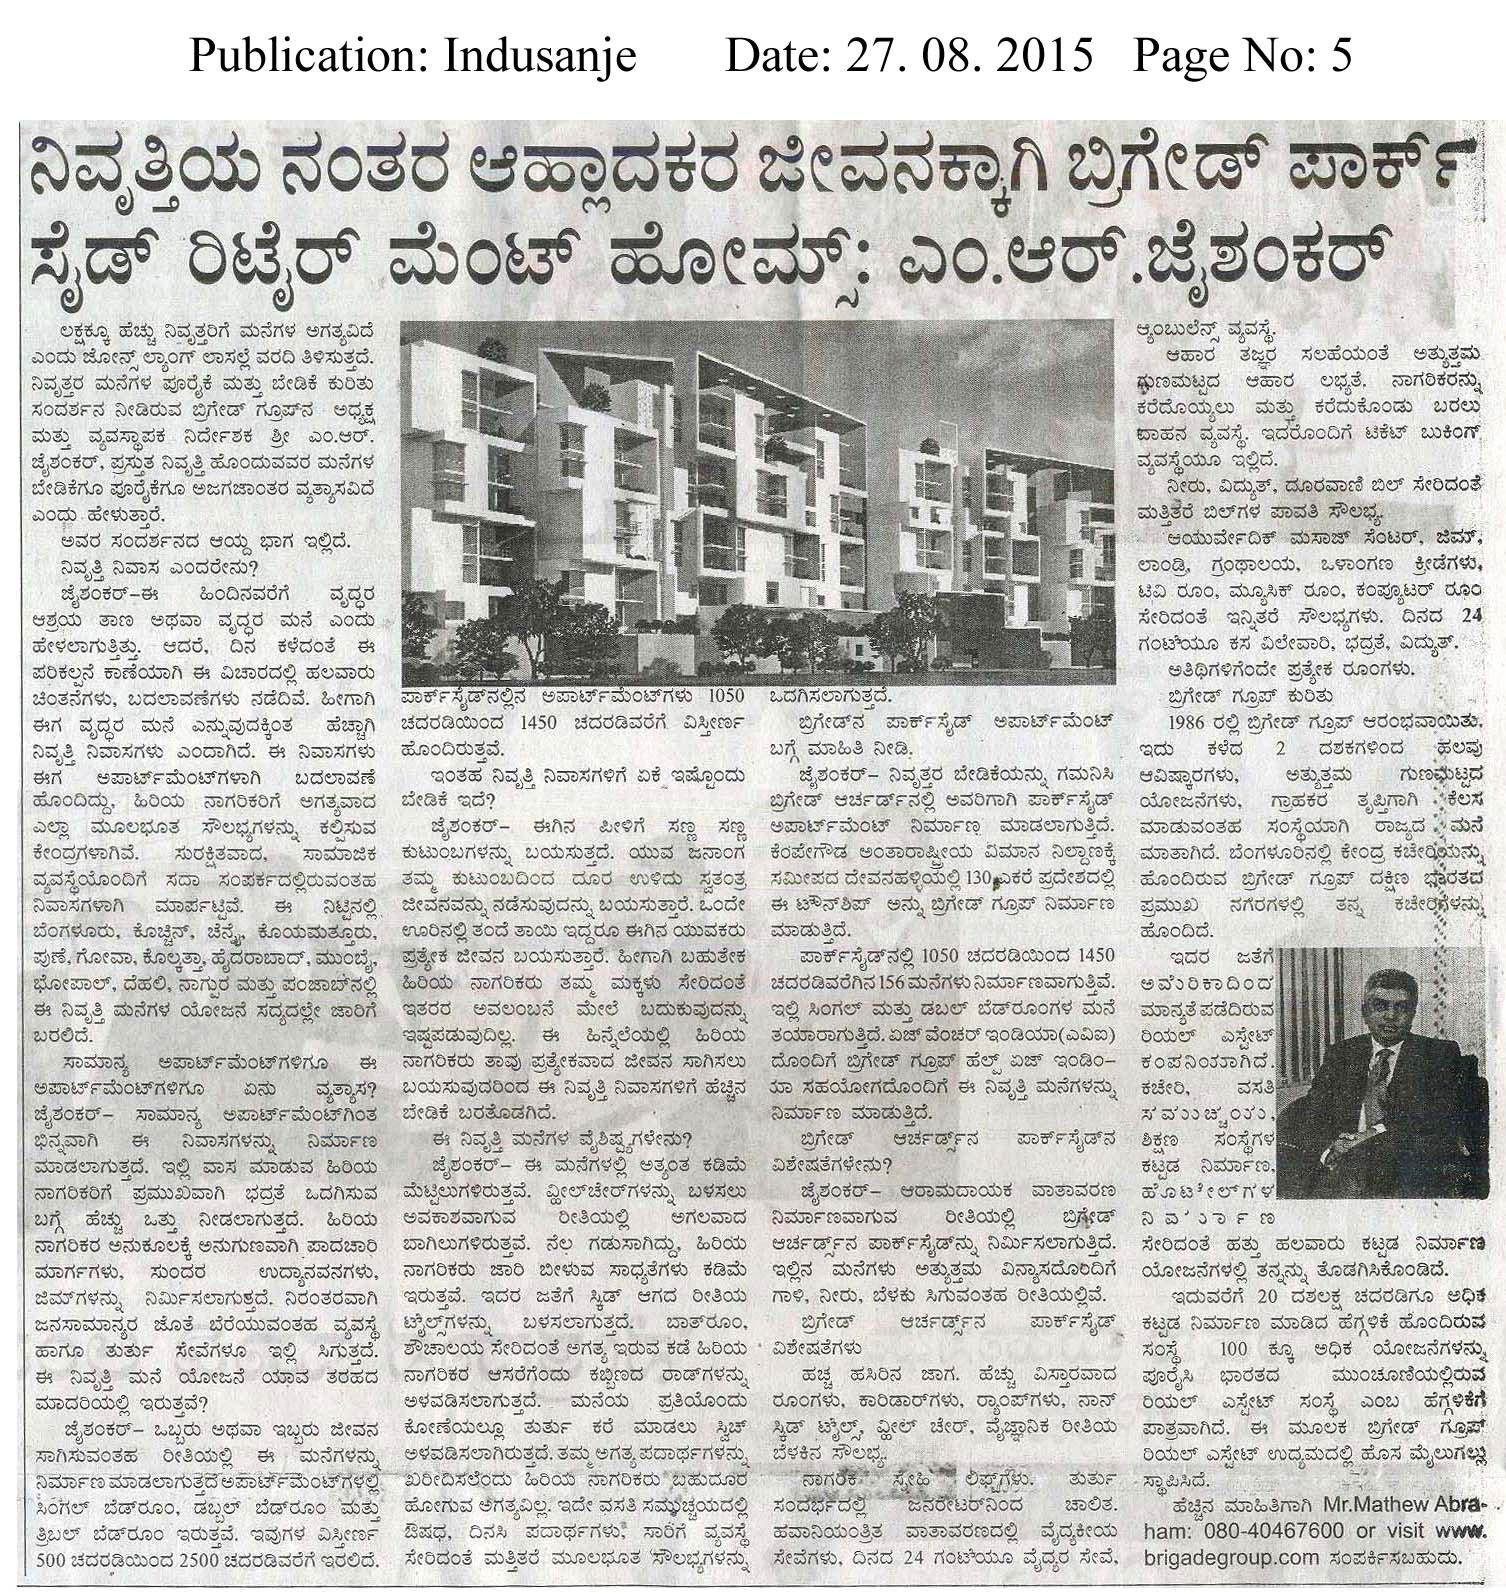 Parkside retirement homes: M R Jaishankar